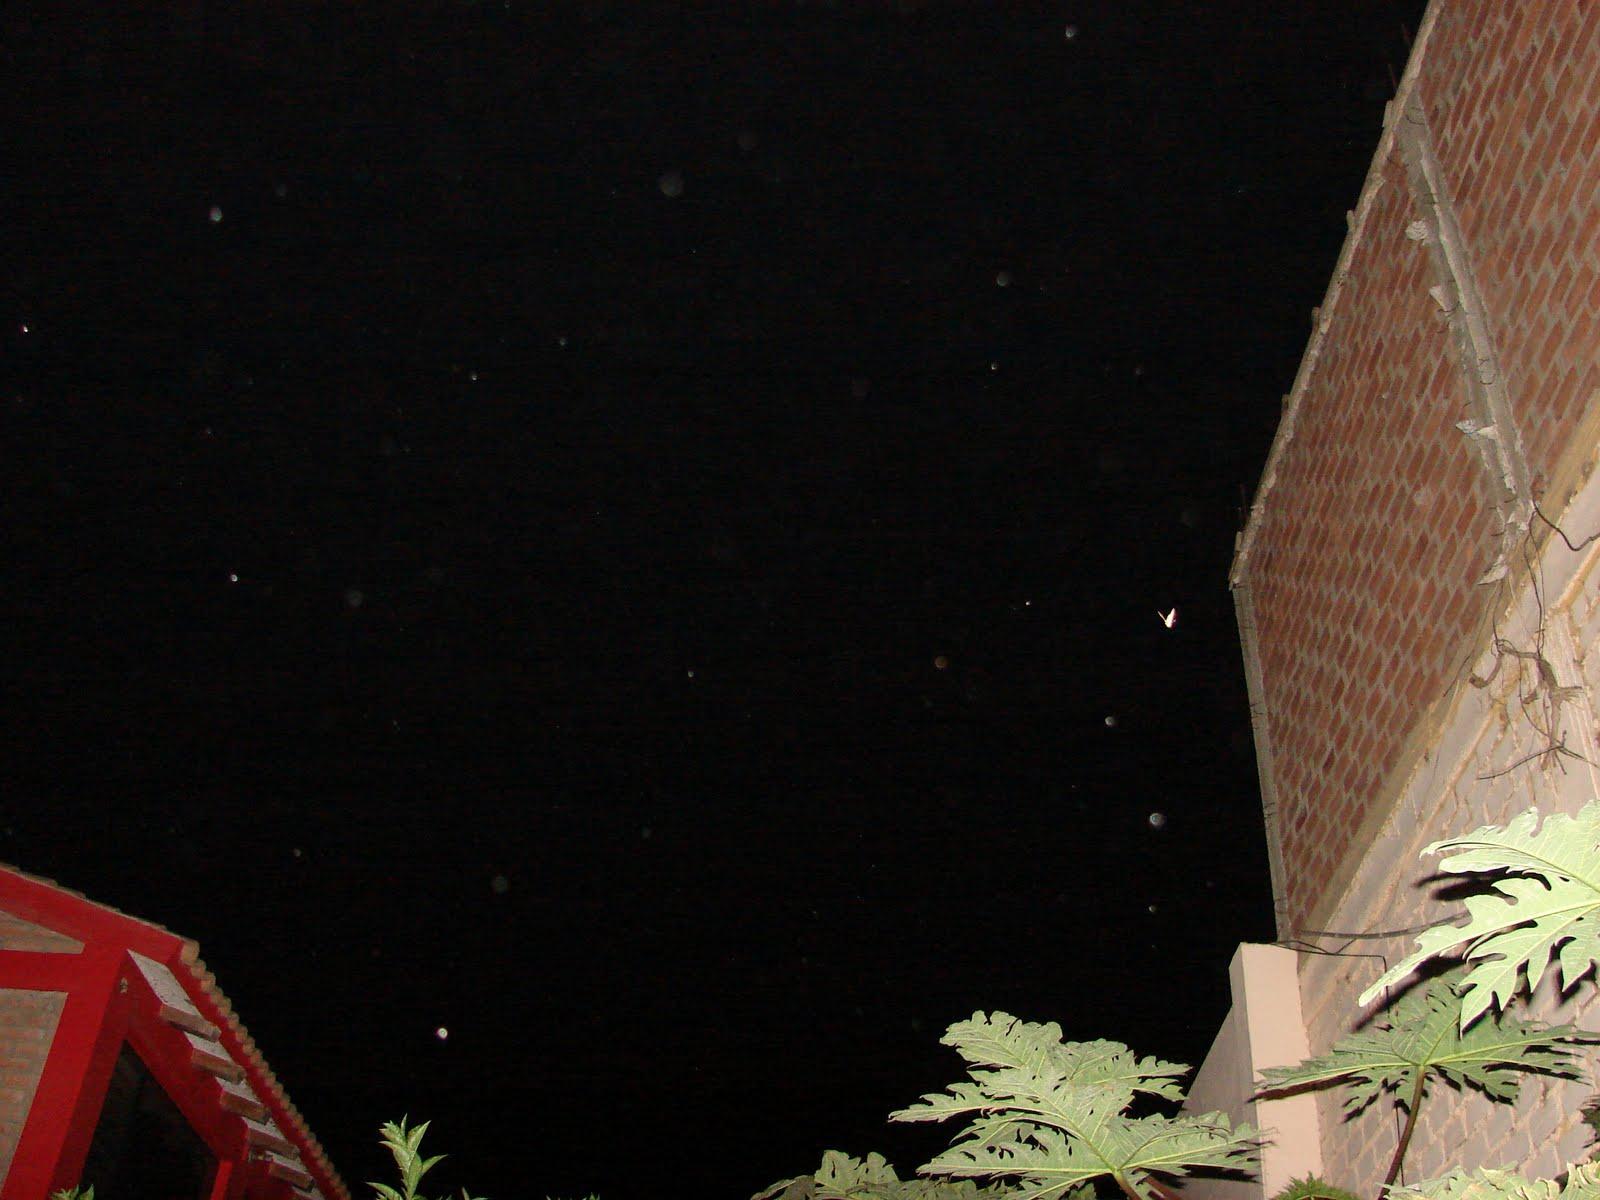 ATENCION-6-septiembre-7-8-9-10-11-...2011 Avistamientos MARIPOSA ET Ovni  4:00 am.sec...ufo..